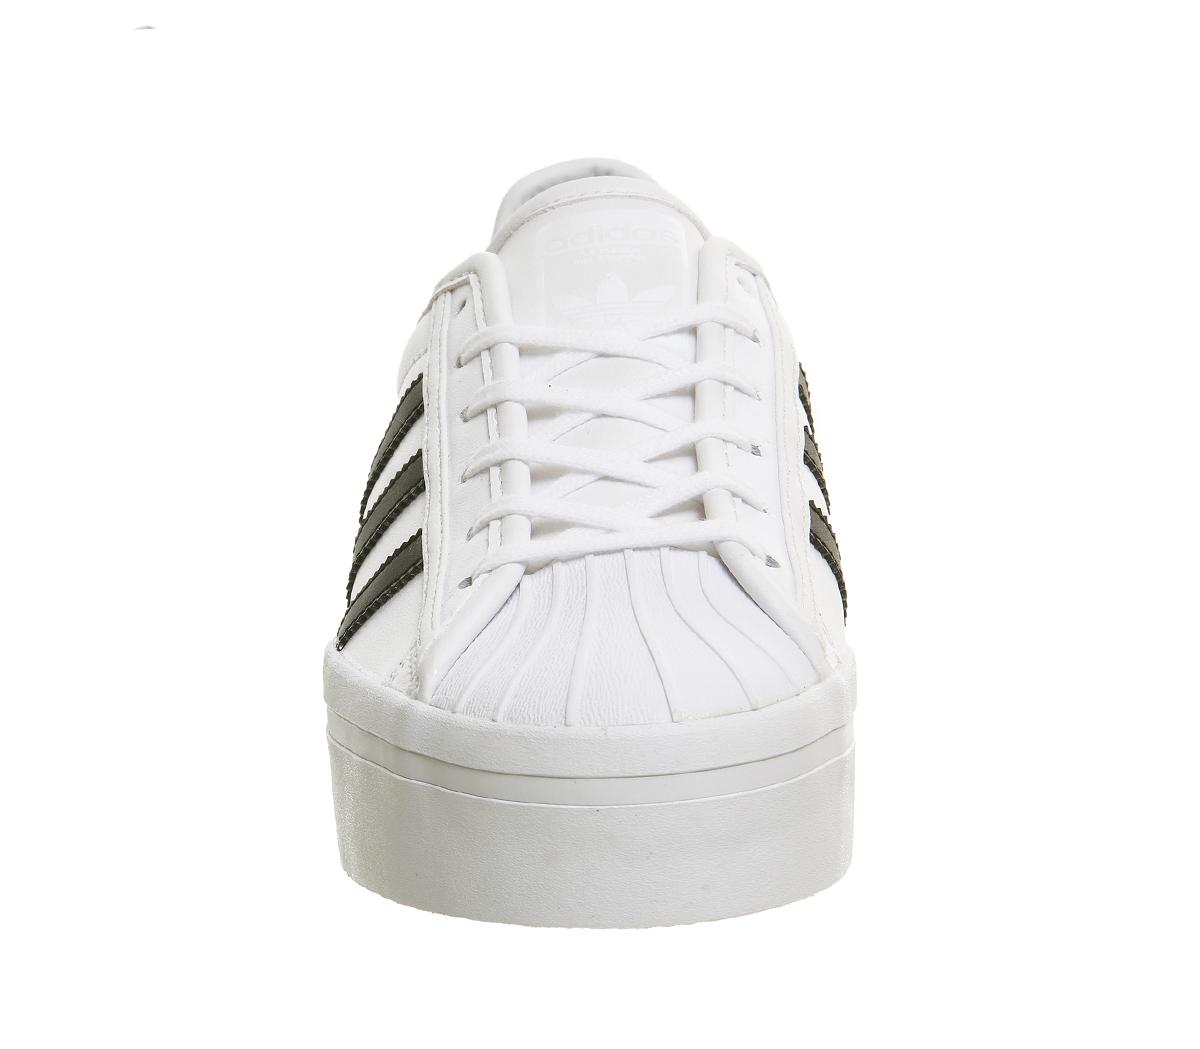 adidas Originals Superstar Rize in White - Lyst